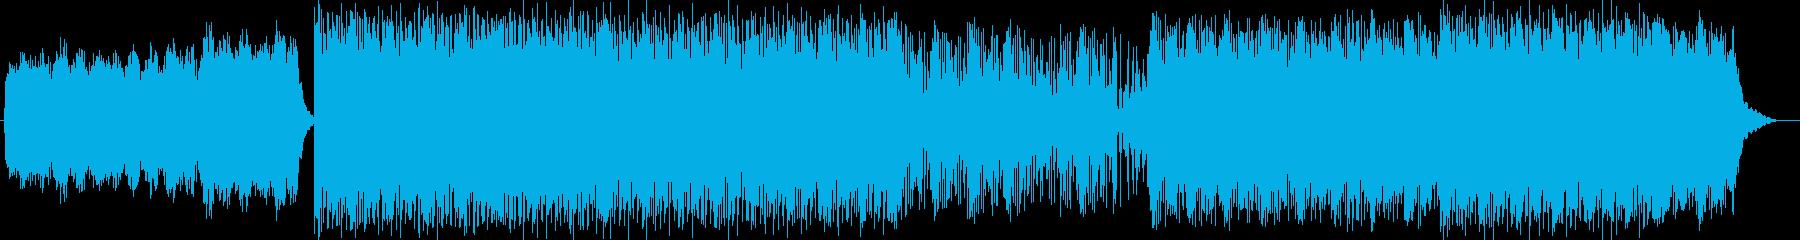 軽快で神秘的で和風なユーロビートサウンドの再生済みの波形